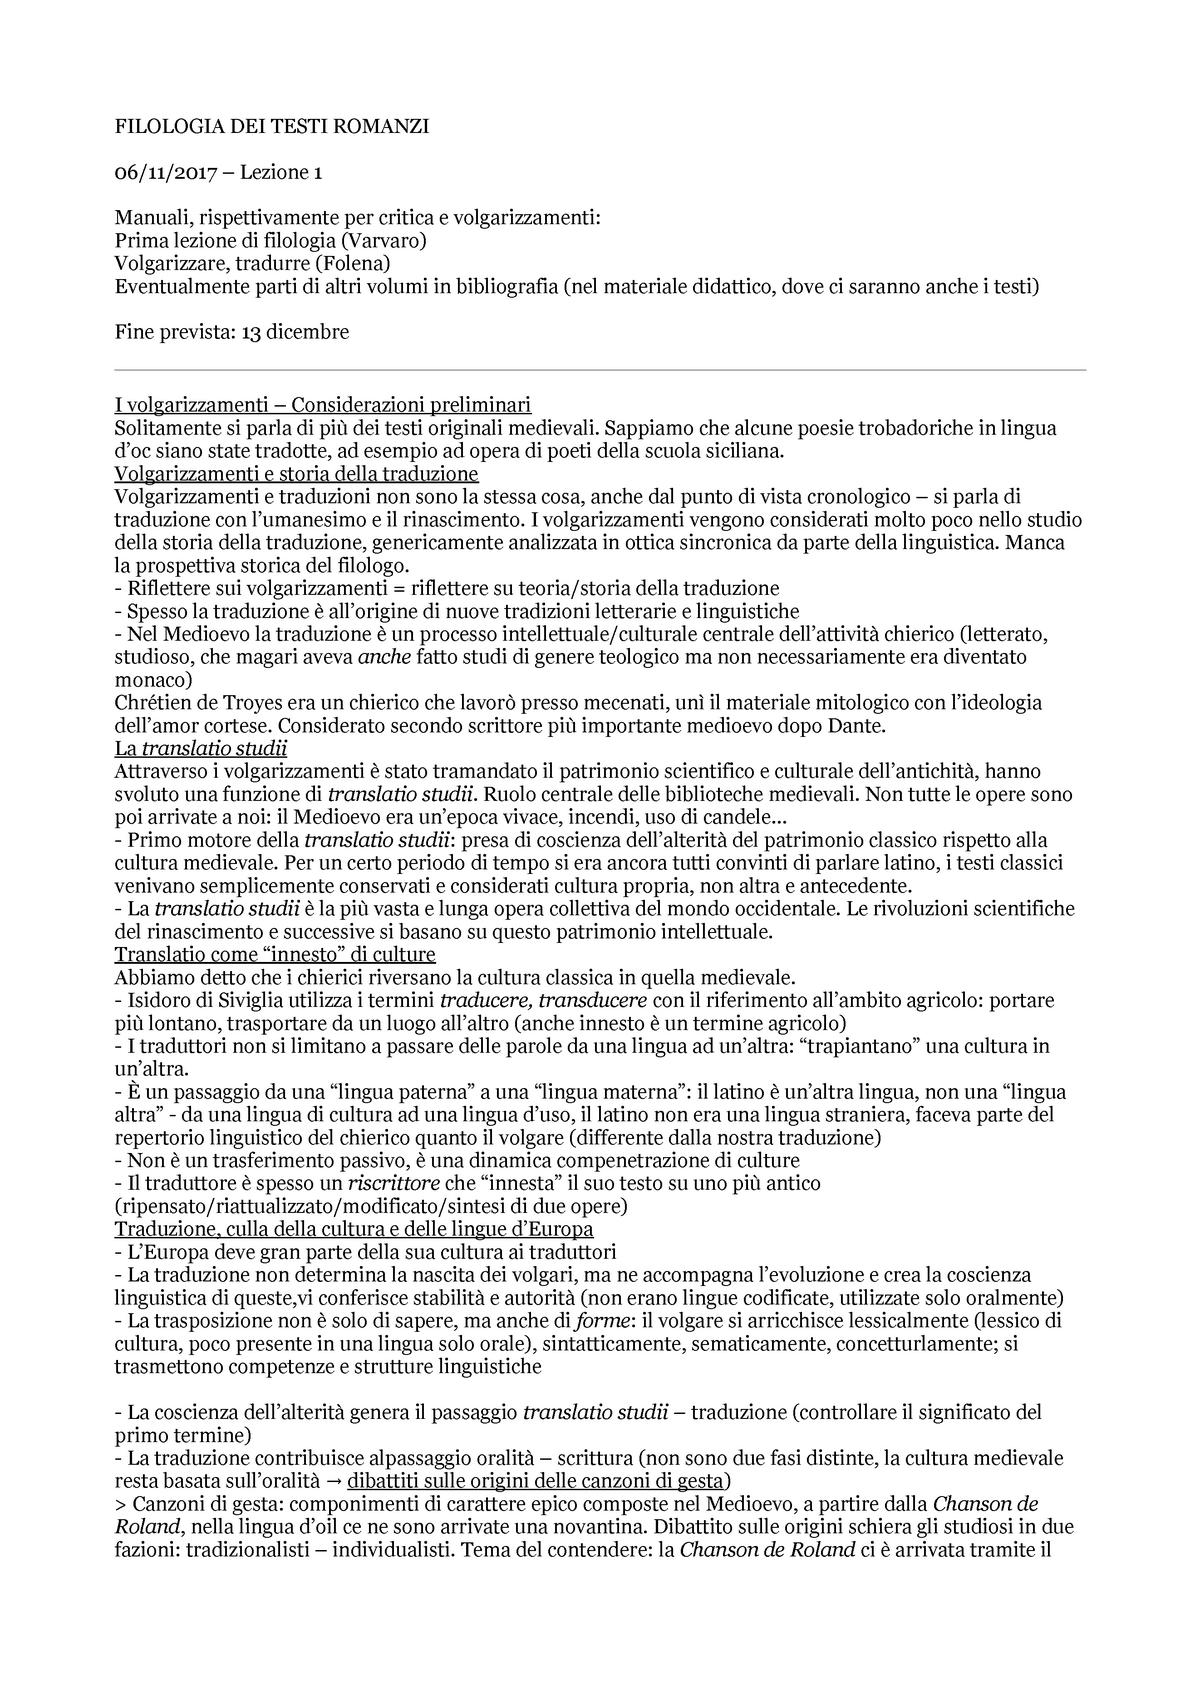 Filologia DEI Testi Romanzi - LIN0063 - UniTo - StuDocu